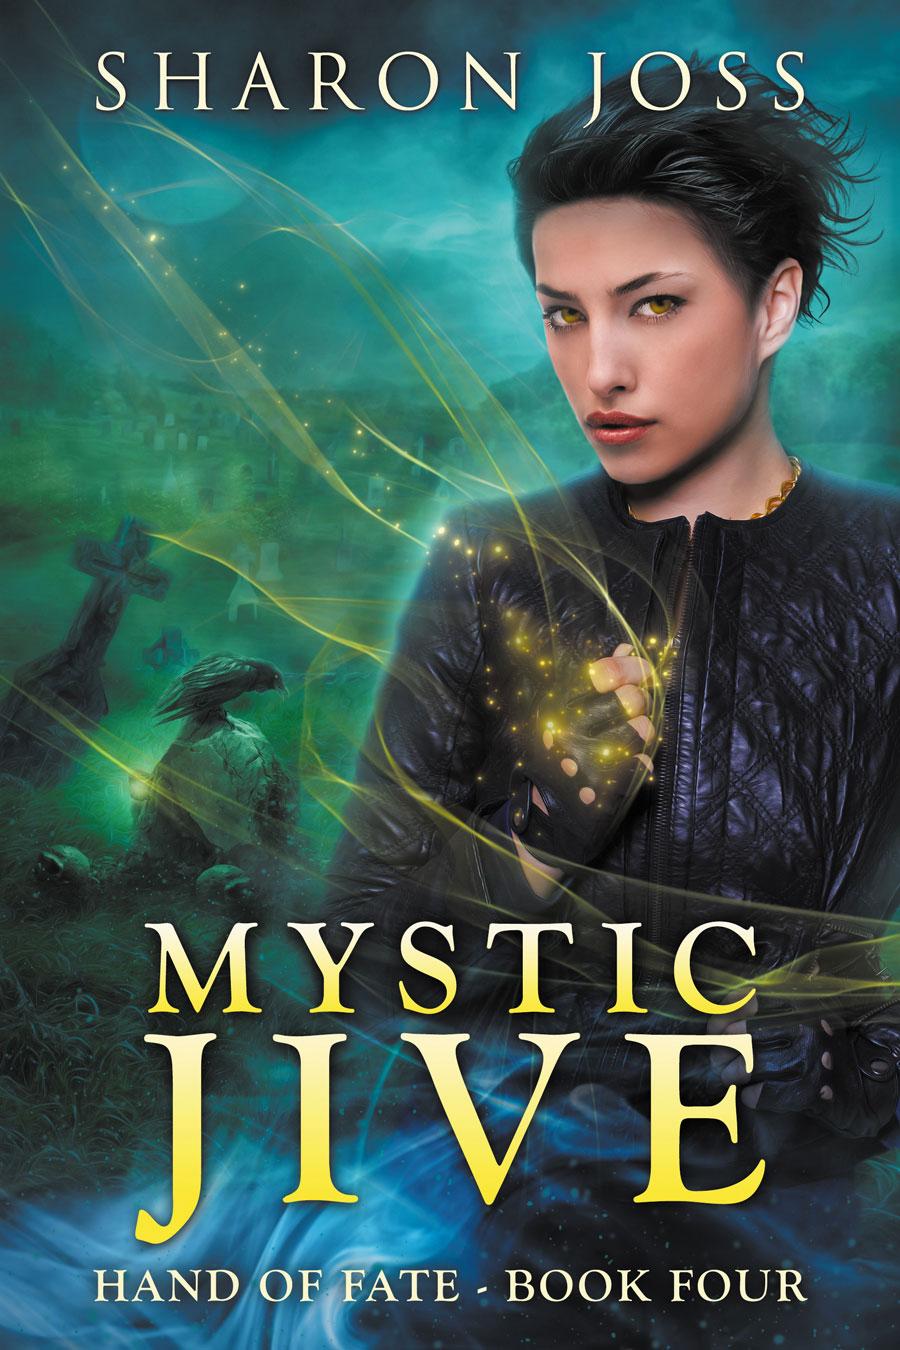 MysticJivelores